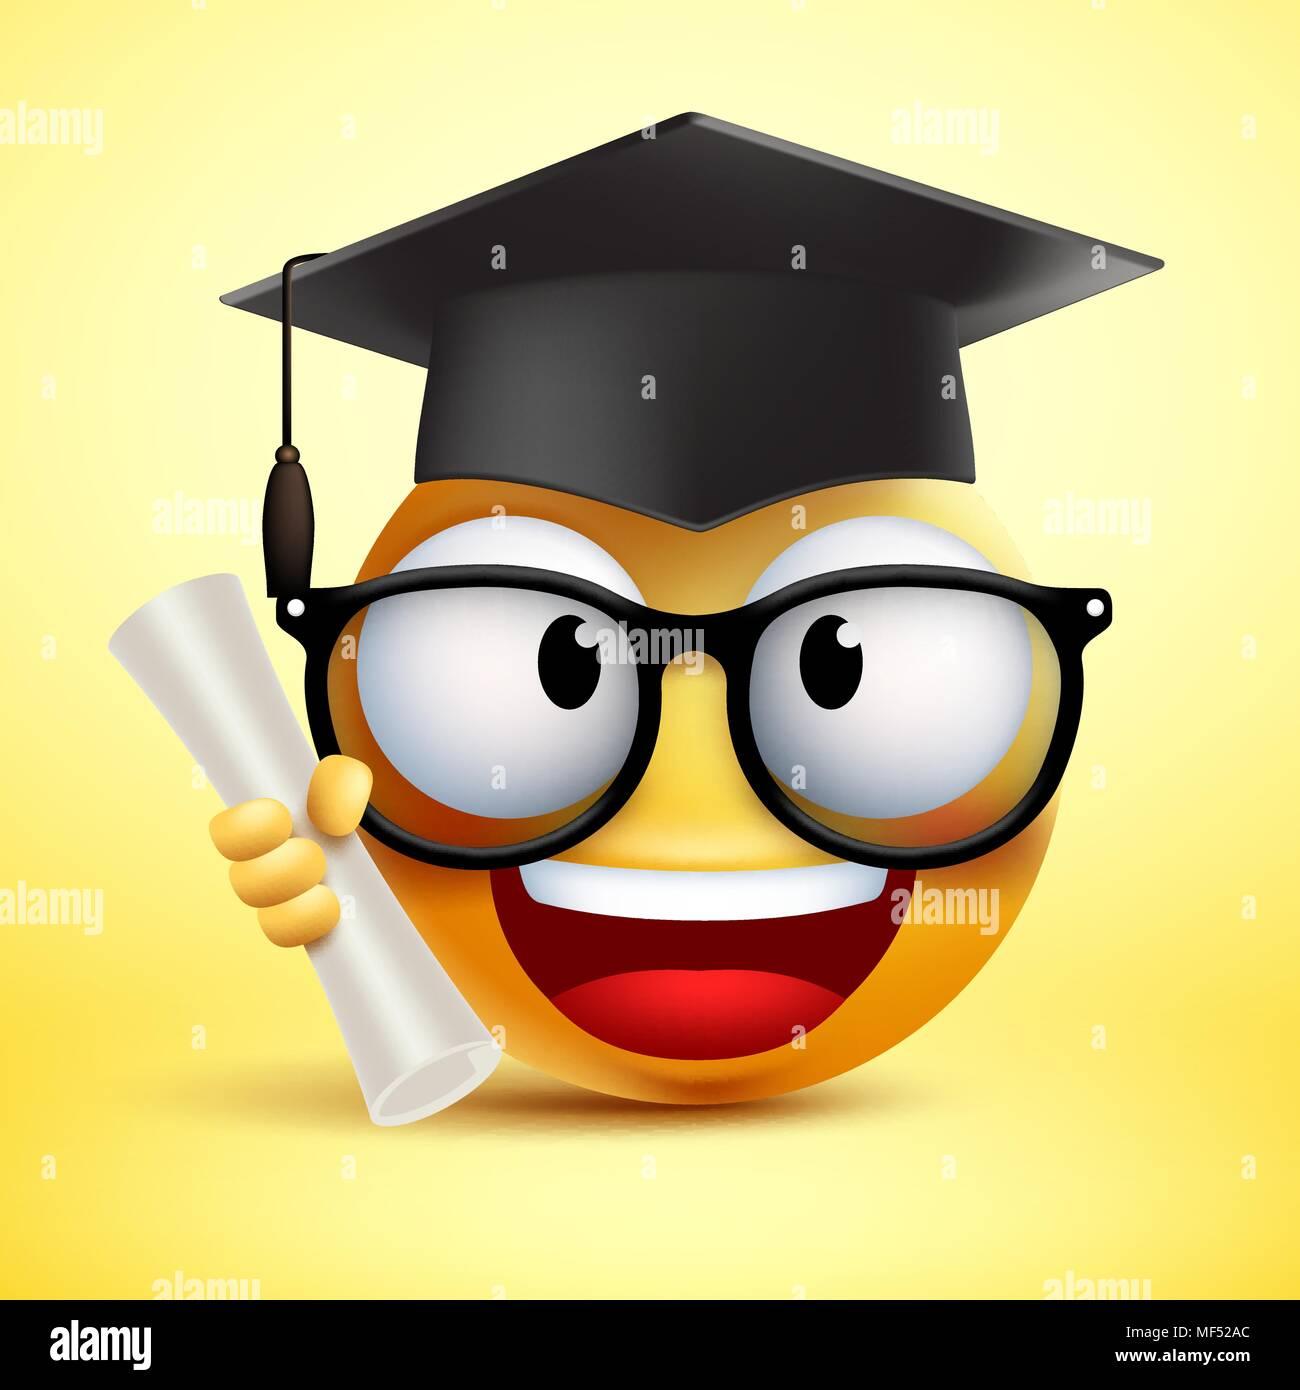 Smiley Emoticones vectoriales estudiante sonriente sosteniendo el diploma y  vistiendo un sombrero negro para la graduación en el fondo amarillo. 74ffc673688